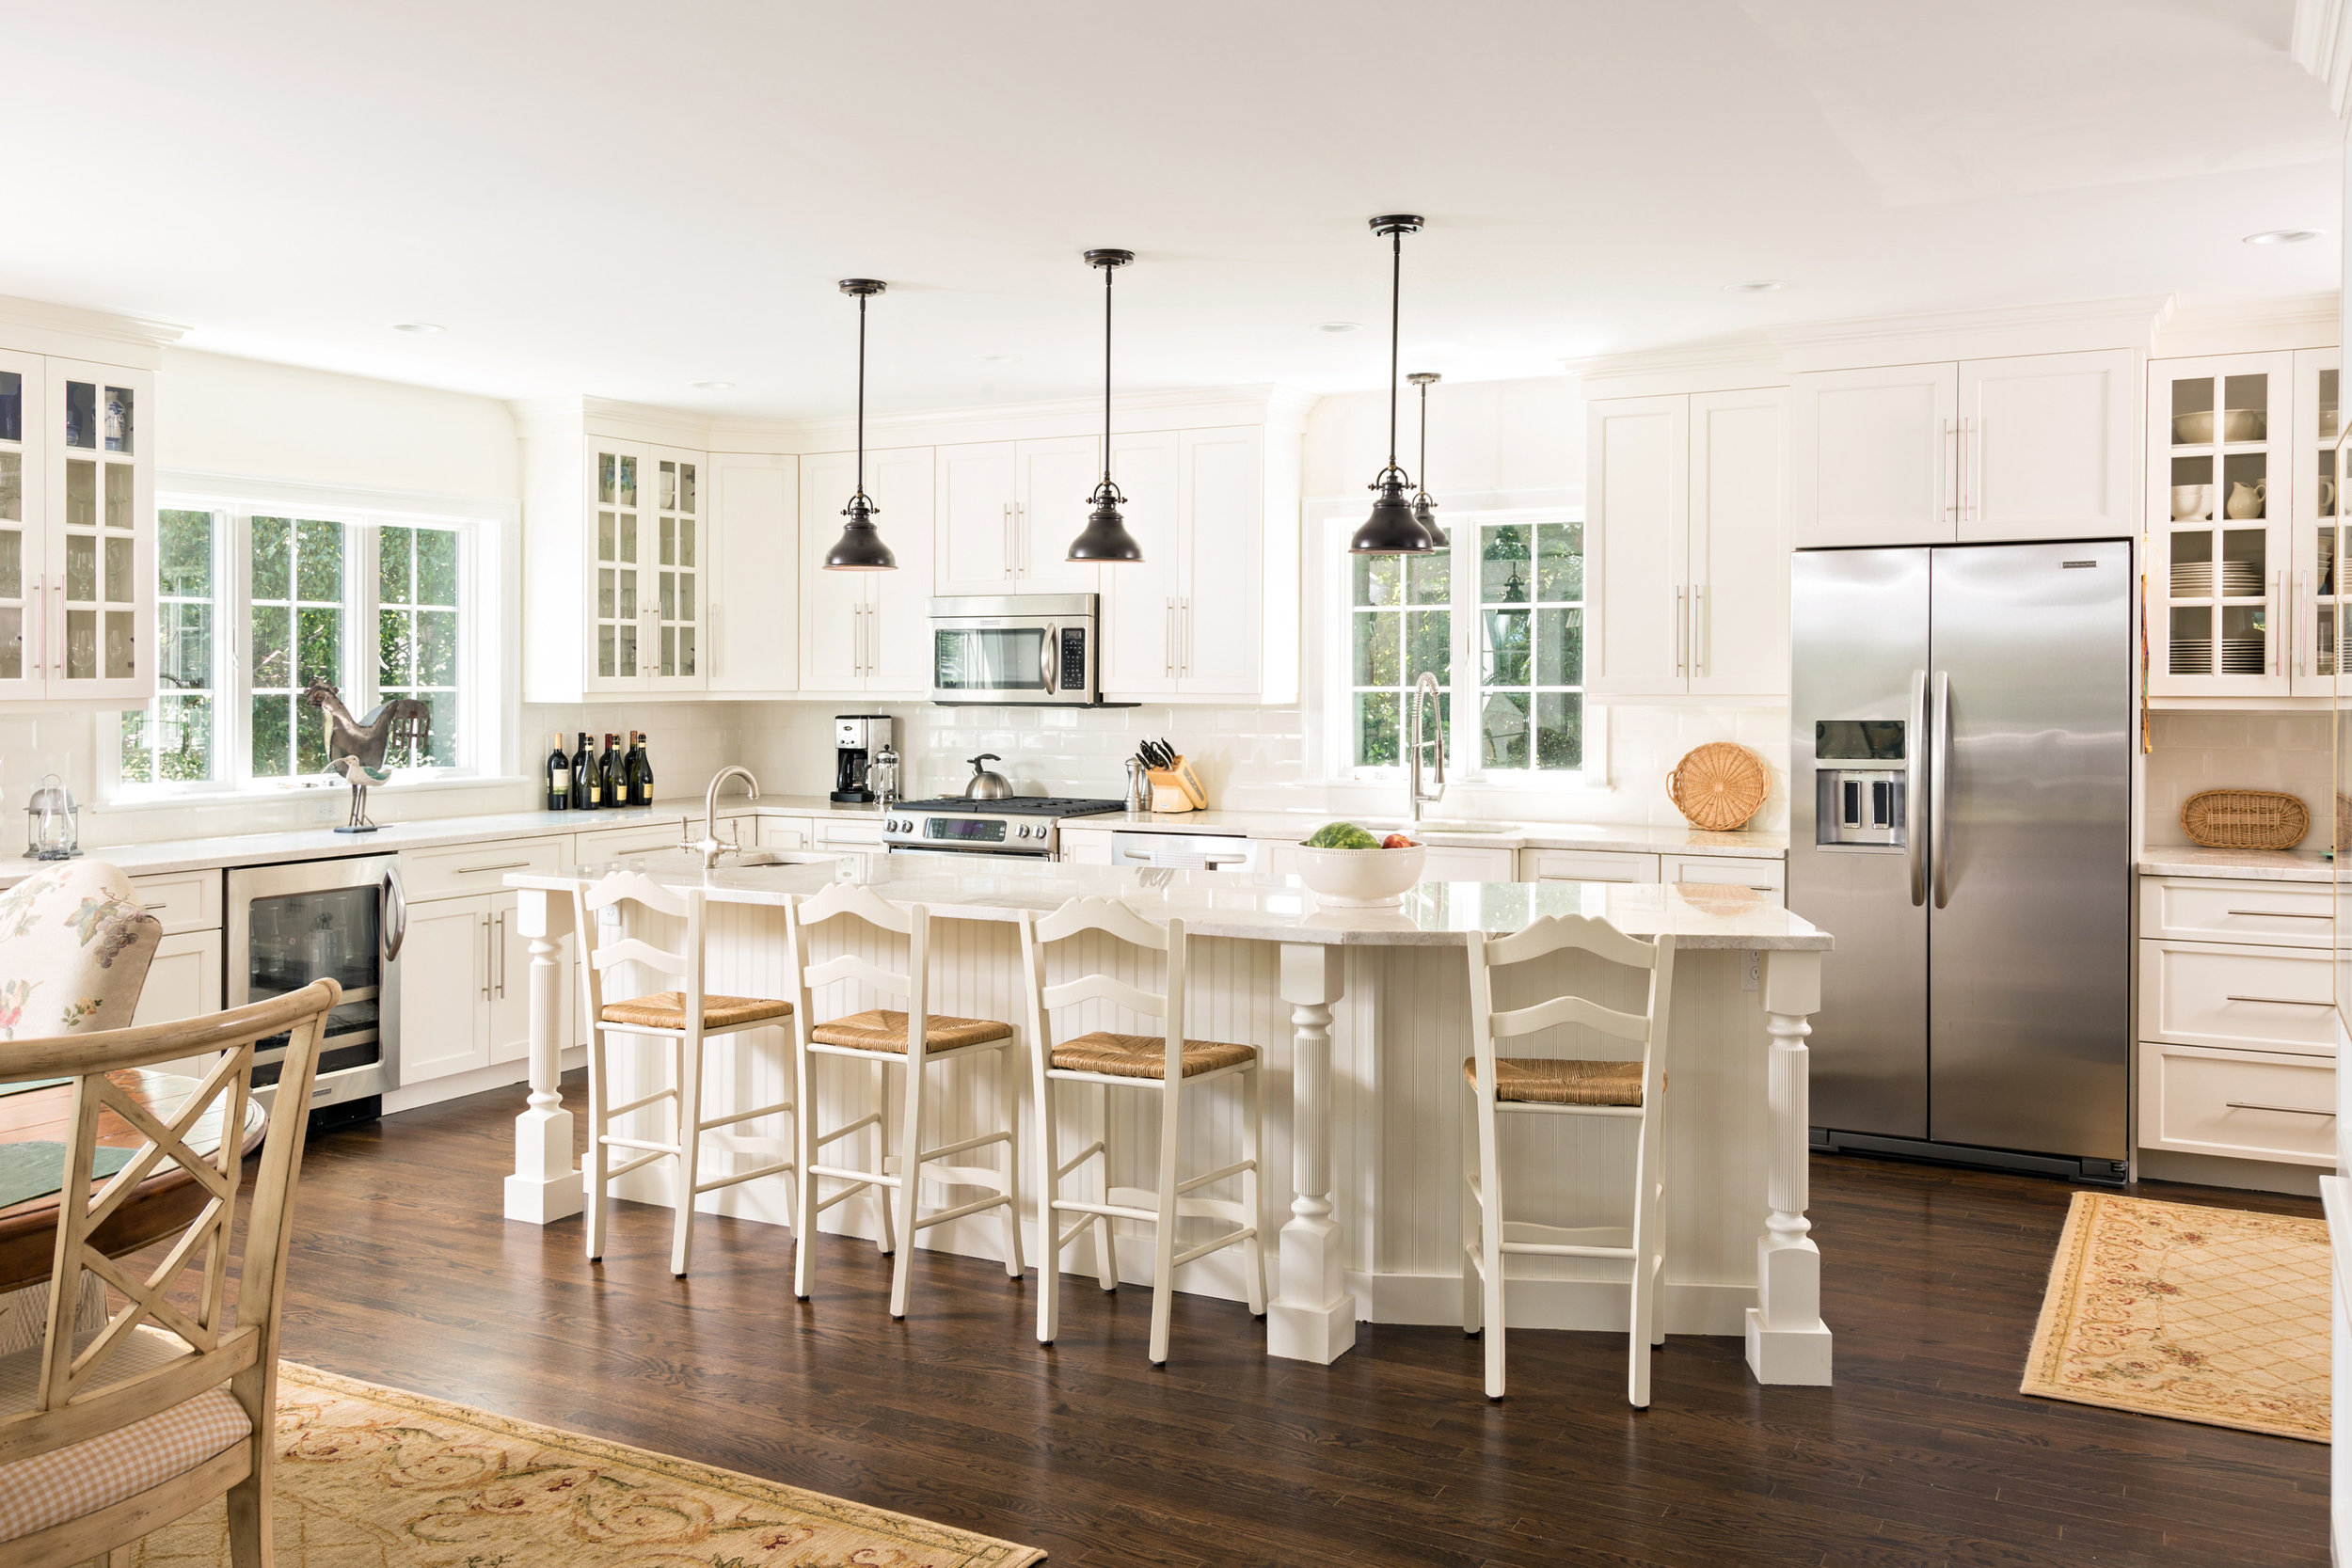 kitchen-12-a.jpg